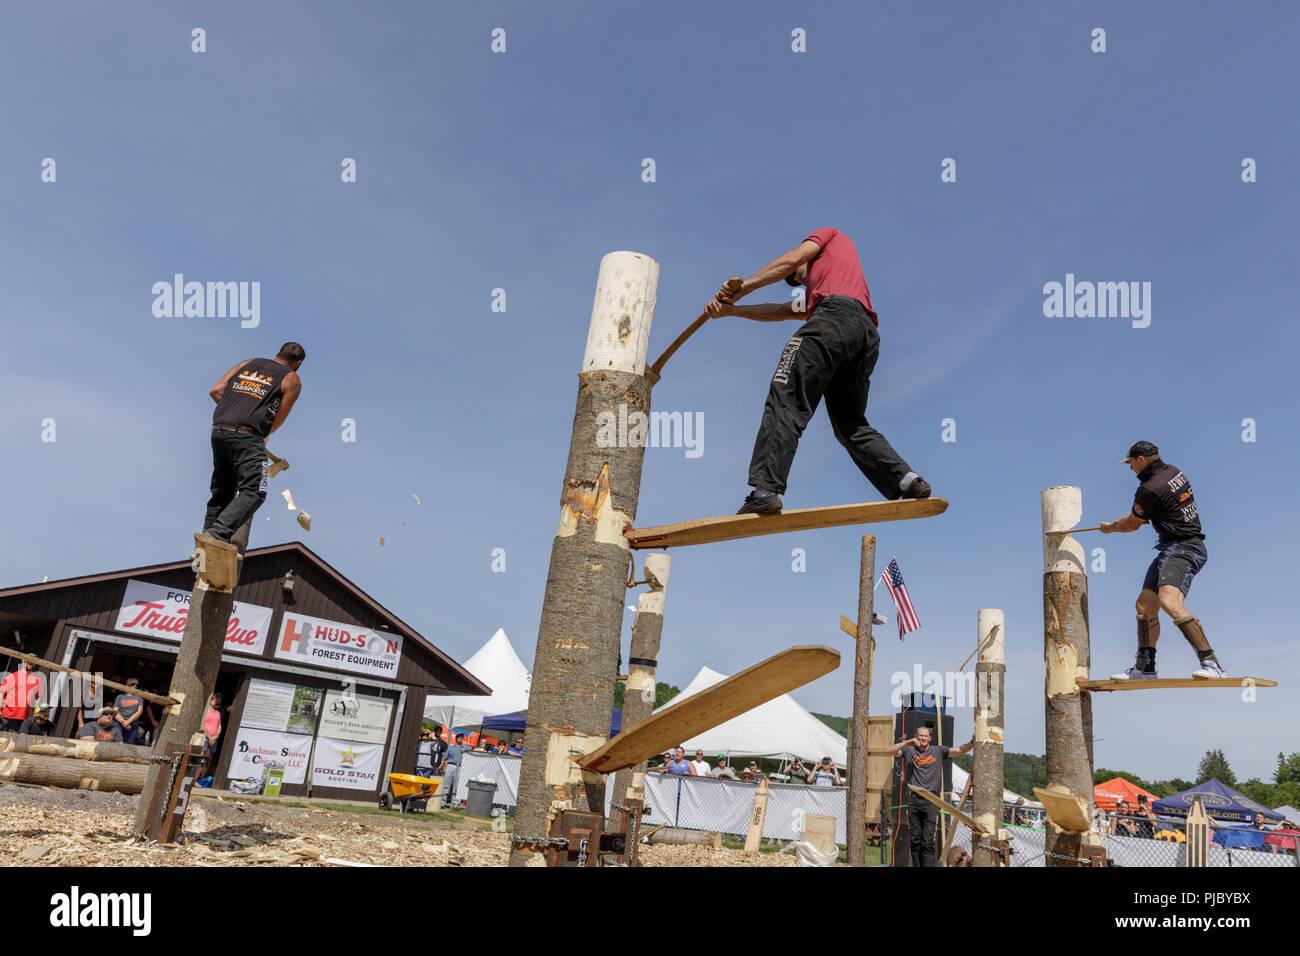 Los hombres compiten en la competencia de leñadores, Cherry Valley juegos al aire libre, Otsego County, Estado de Nueva York. Imagen De Stock